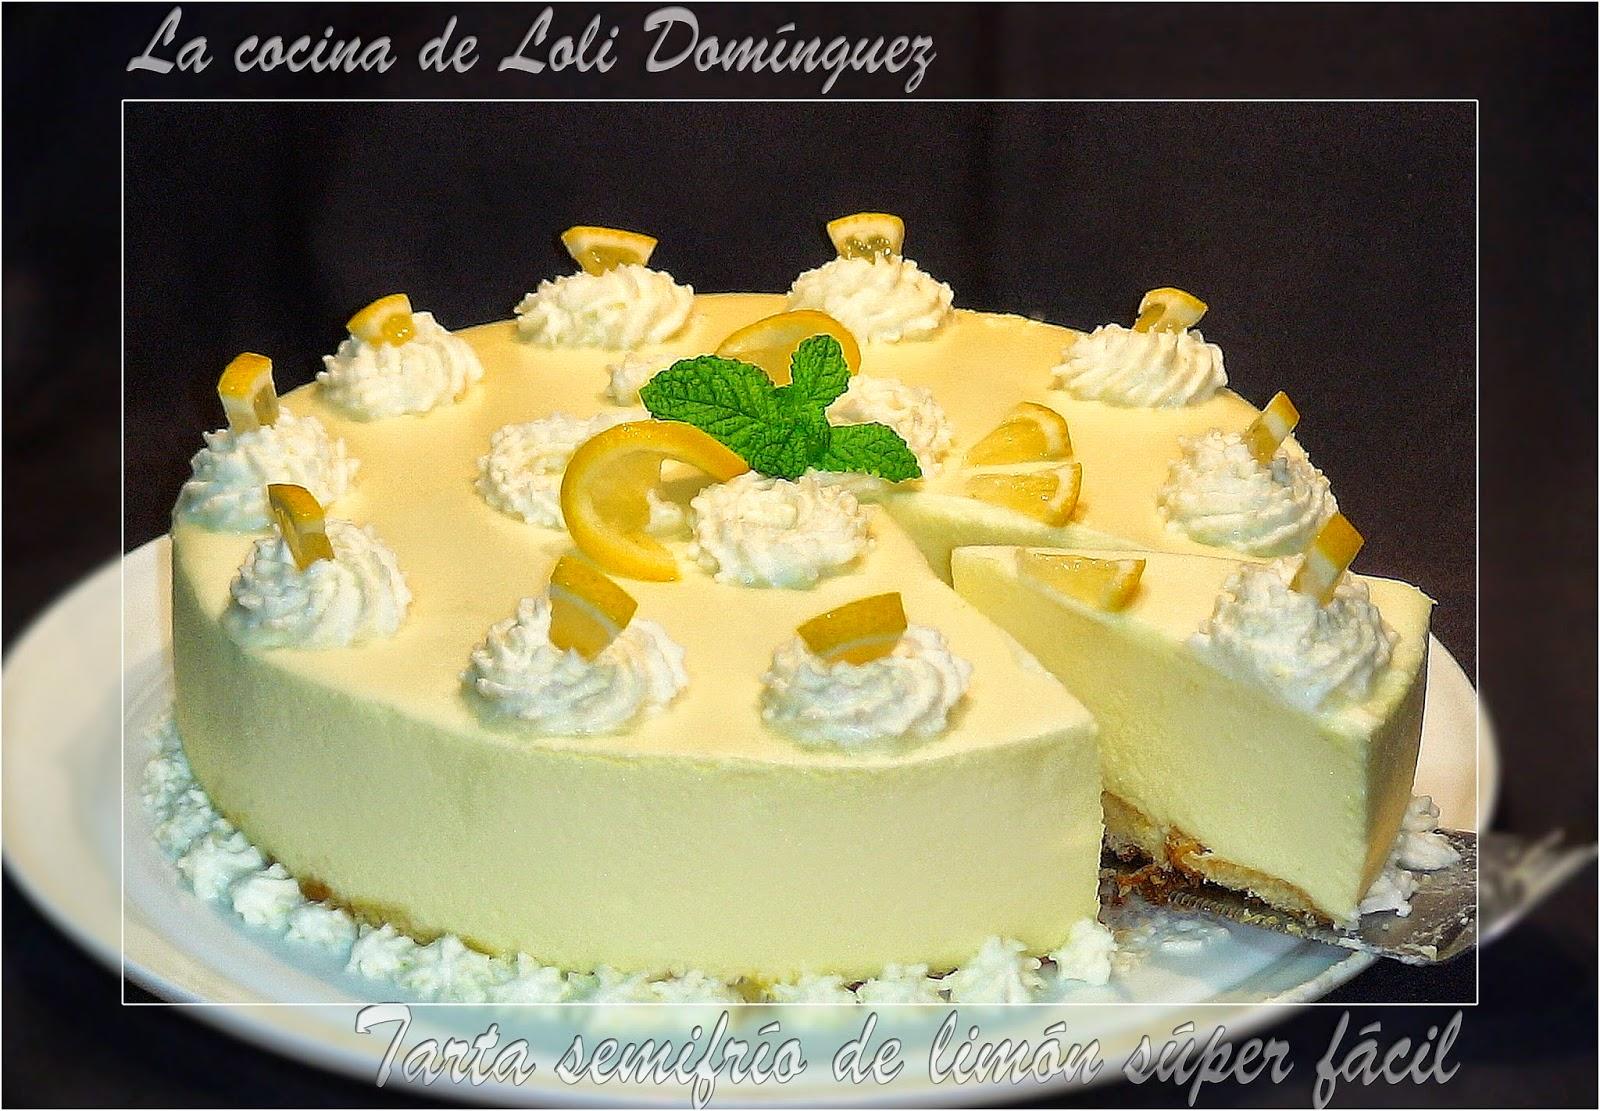 Tarta Semifrío De Limón Súper Fácil